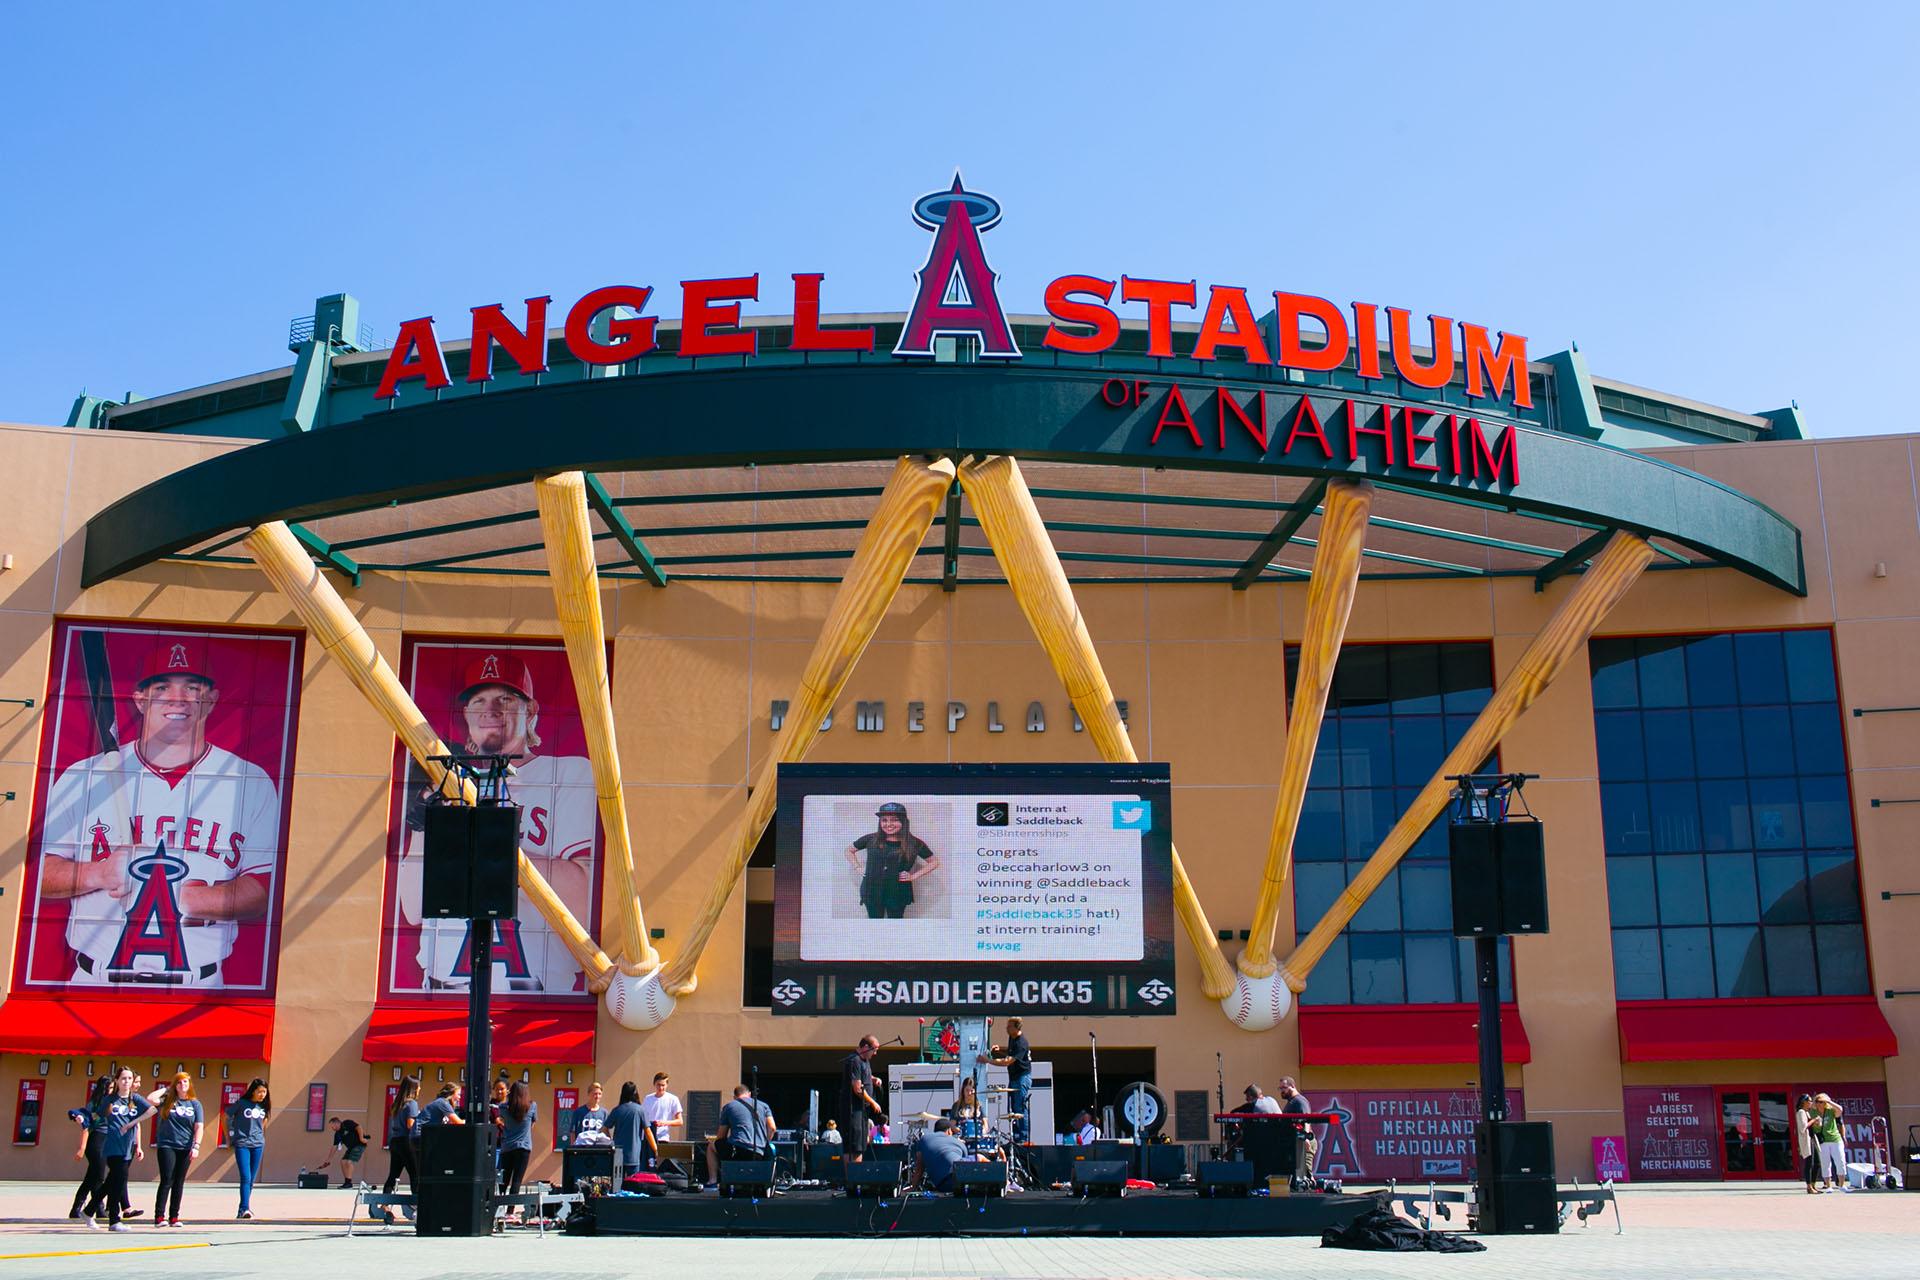 Mobile Screen Rental In Los Angeles